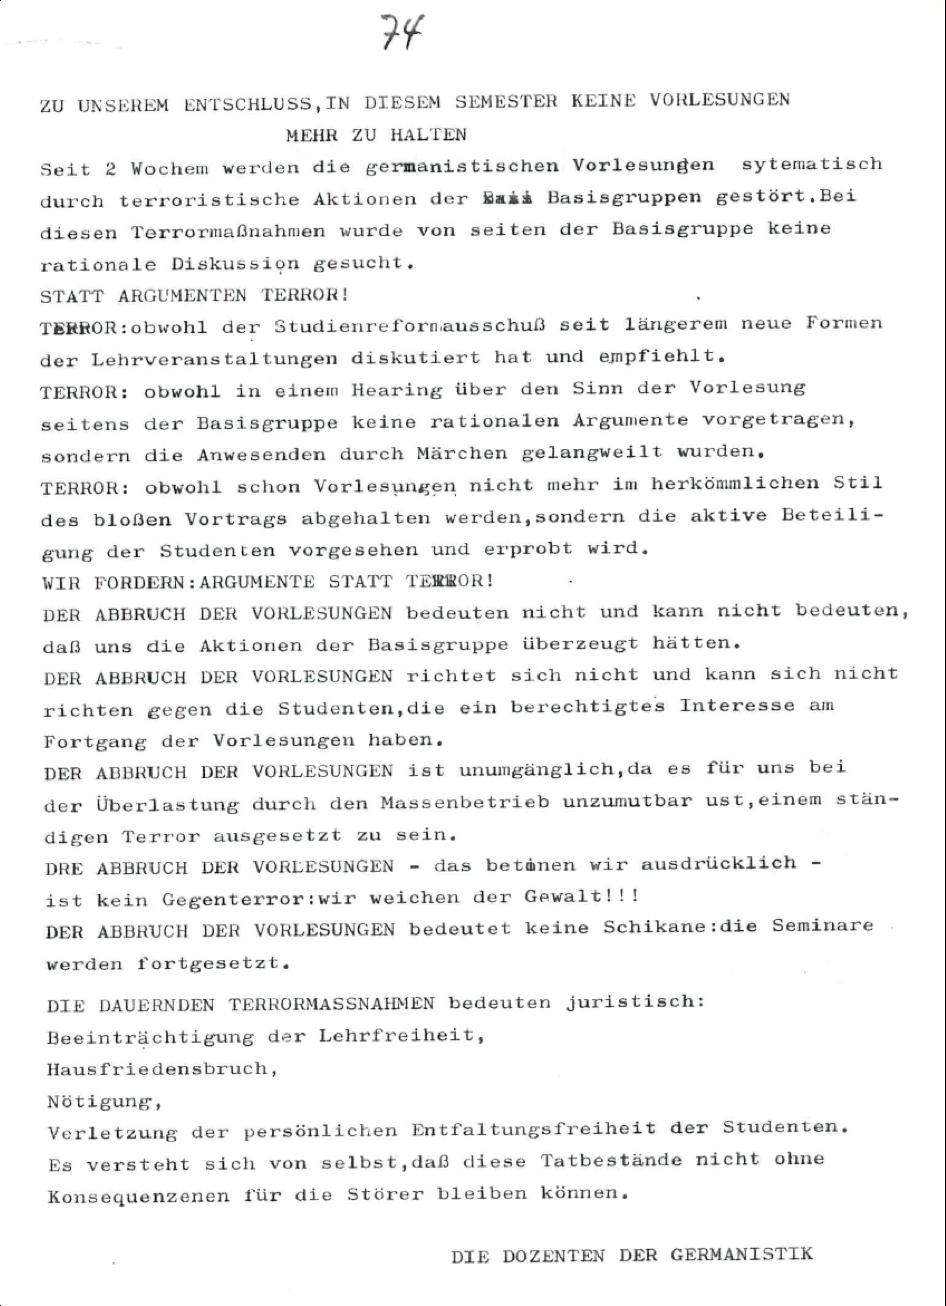 Basisgruppe-Fachschaft-Germanistik (Hrsg.): Institutspolitik Sommer 1969. dokumente, polemik, information, literarische politische analysen, demagie, manipulation, berichte, tatsachen, aufklärung, entschleierungen, lügen, Verallgemeinerungen: Unipolitik, o. O. 1969, S.74.